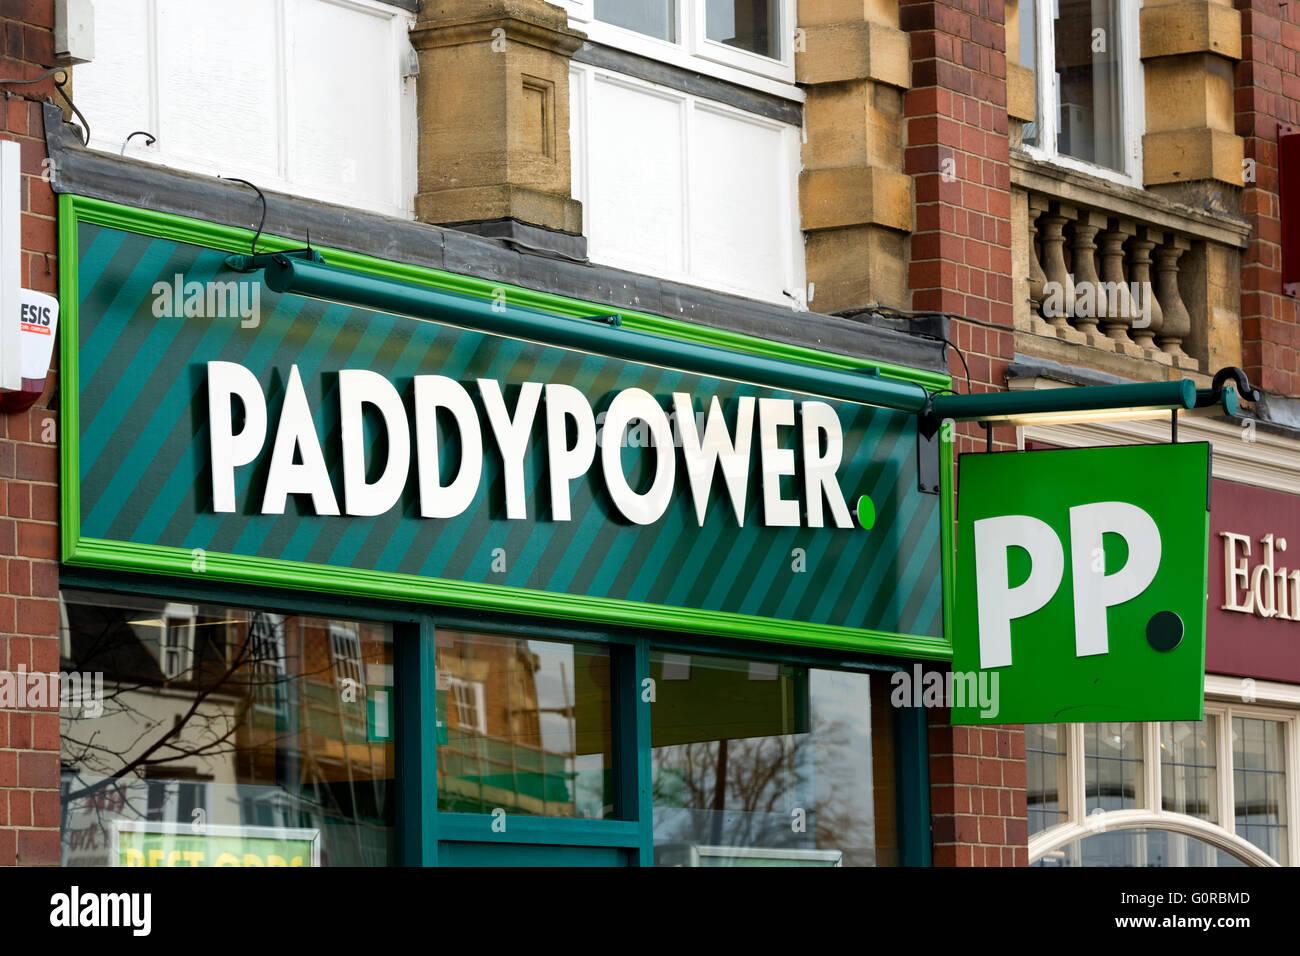 Paddypower bookmakers shop evesham worcestershire england uk stock image